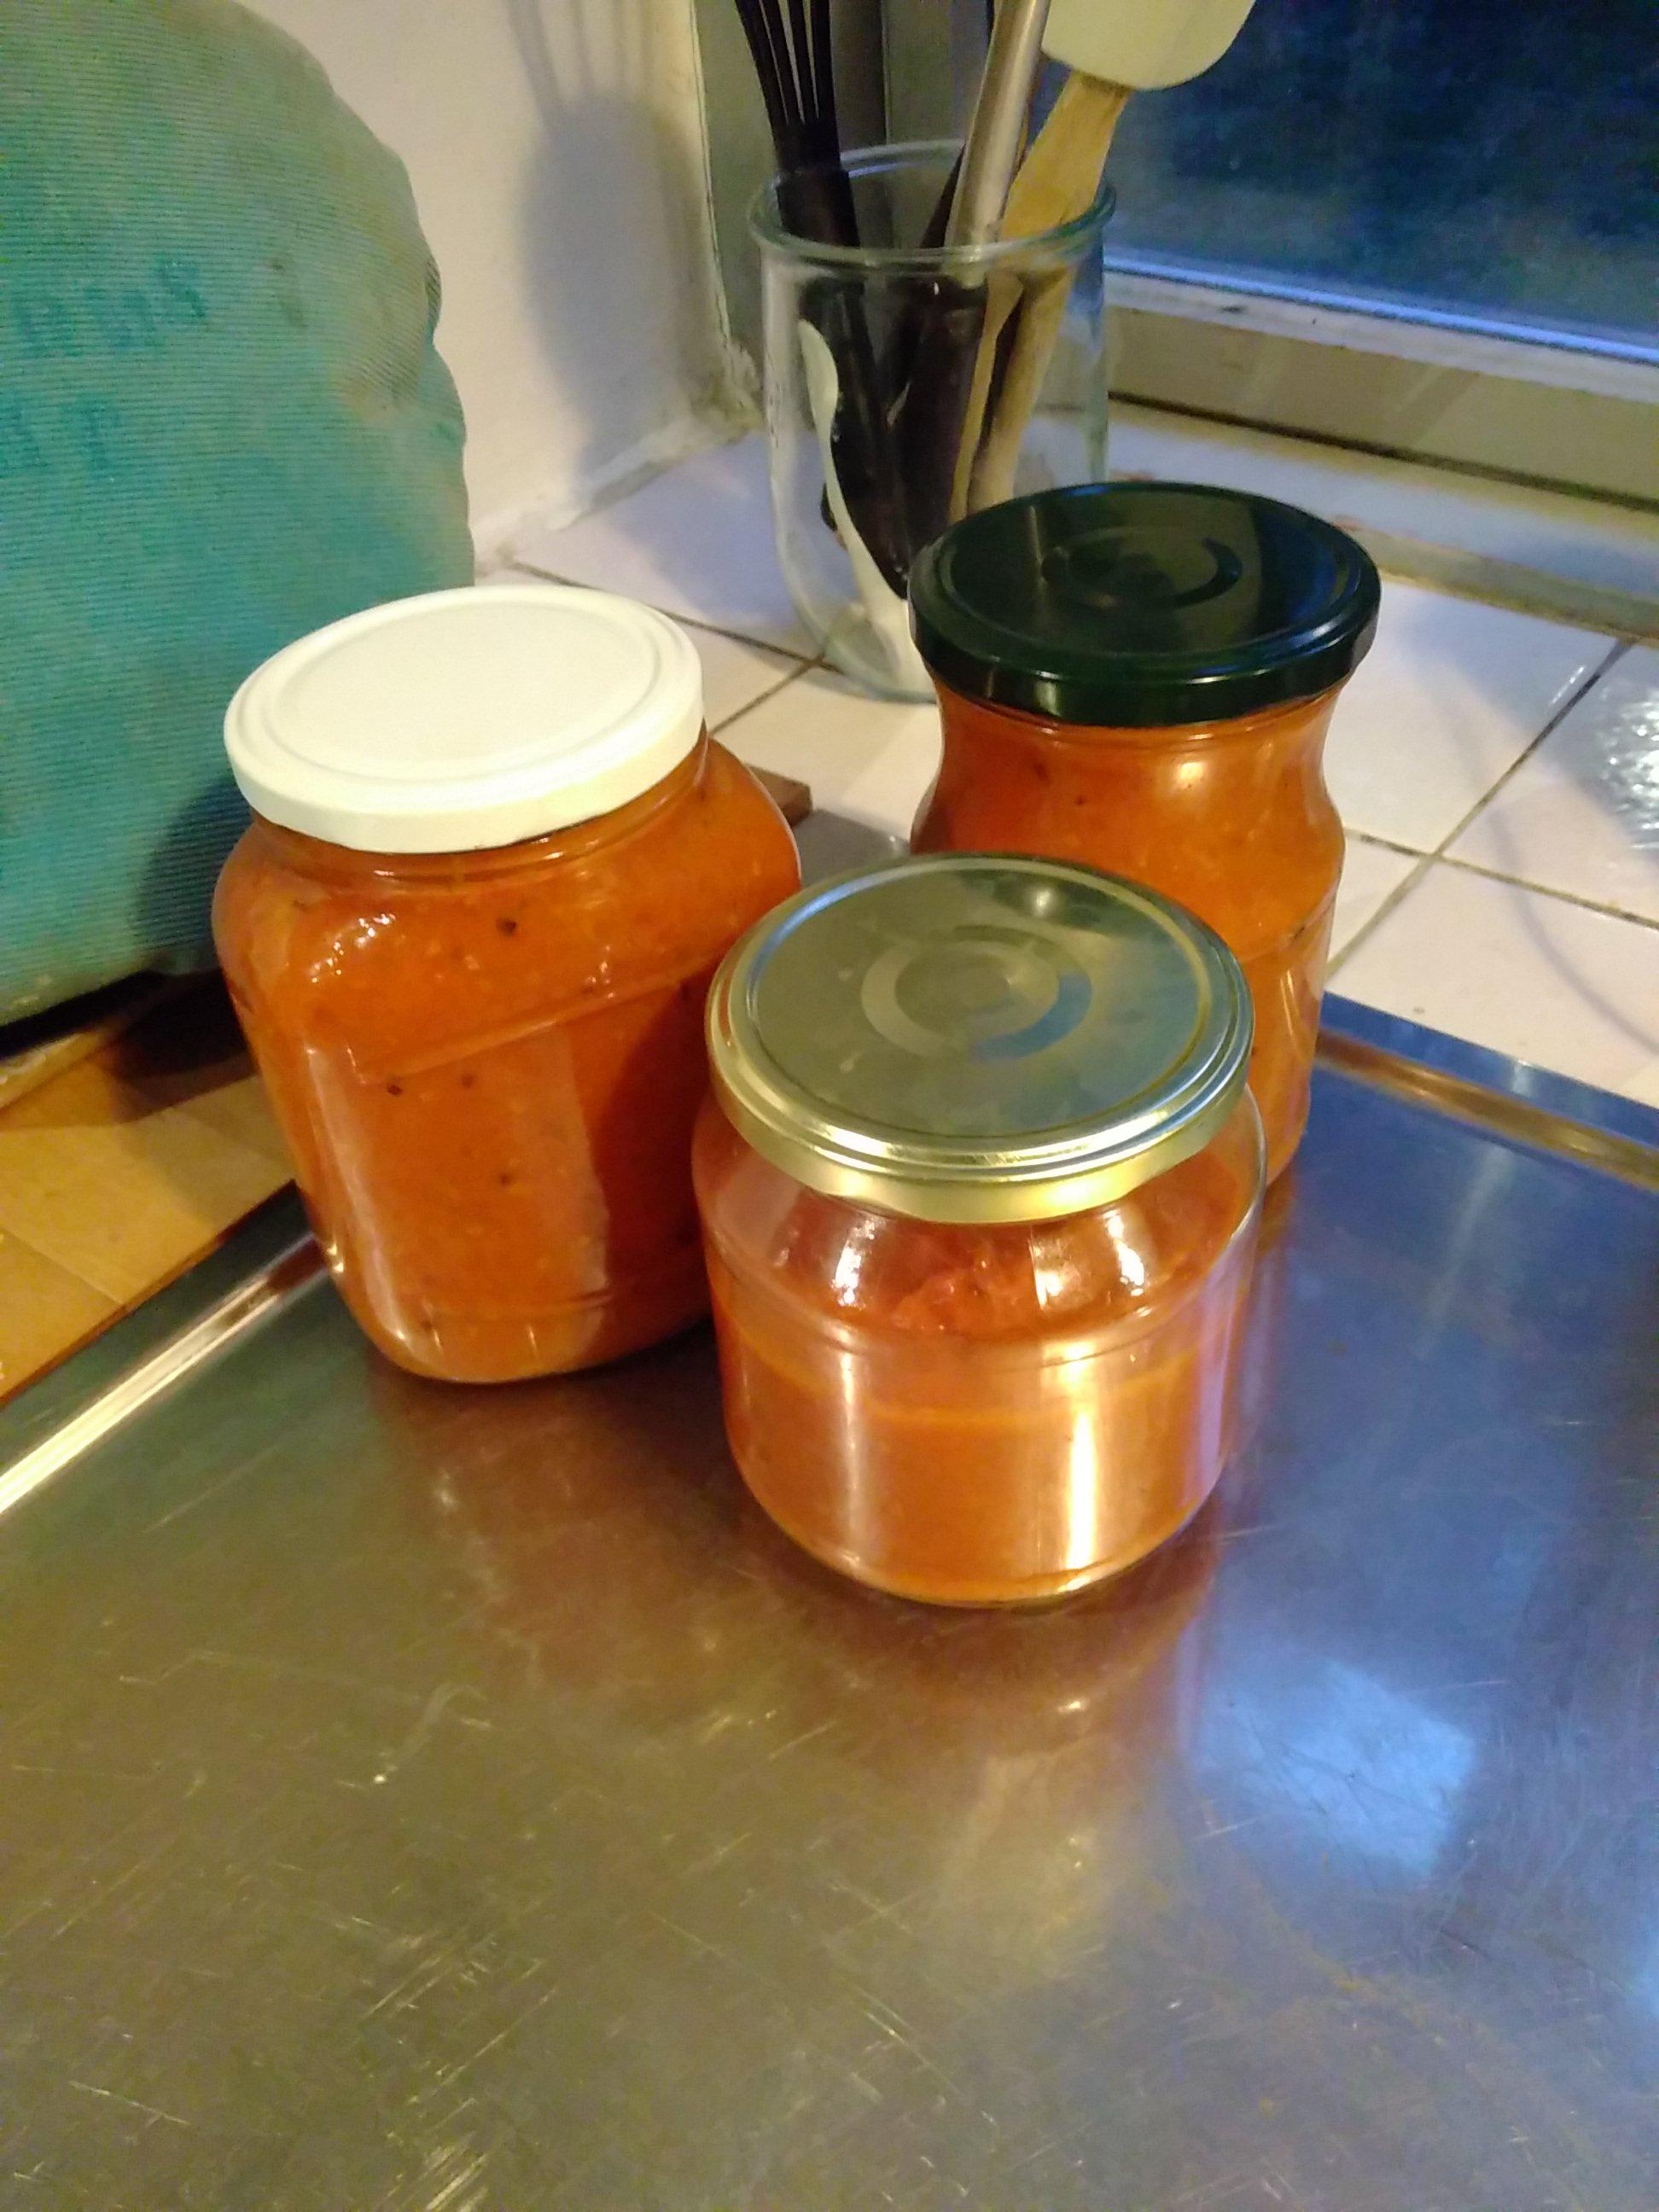 Madlavning er en vigtig del af selvforsyningslivet. Ressourcerne skal udnyttes, og høsten skal konserveres. Her ses tre glas tomatsovs, jeg lavede forleden af 2,5 kg af havens tomater.